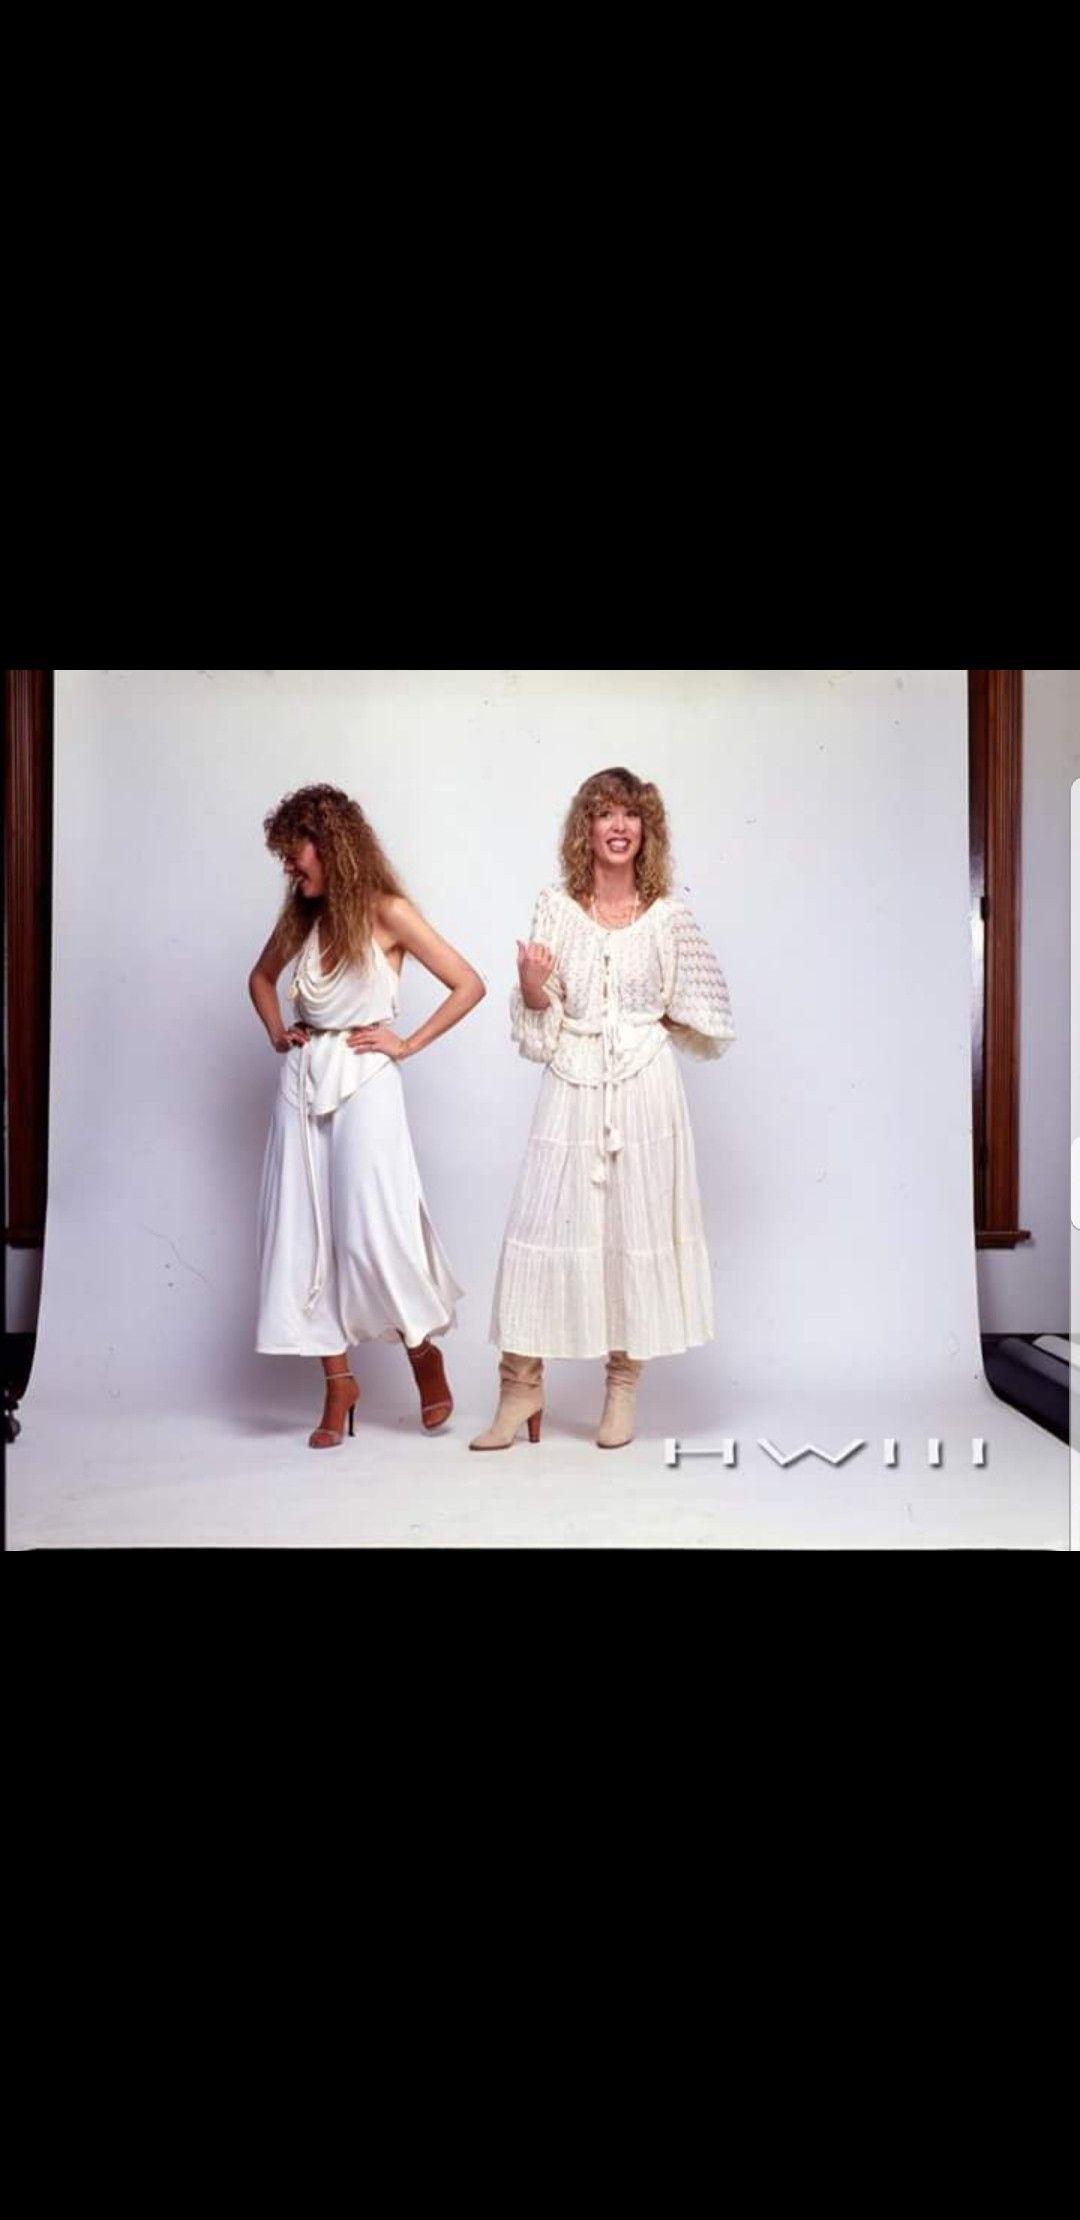 Pin By Kira Maine On Stevie Stevie Nicks Stevie Wedding Dresses [ 2220 x 1080 Pixel ]